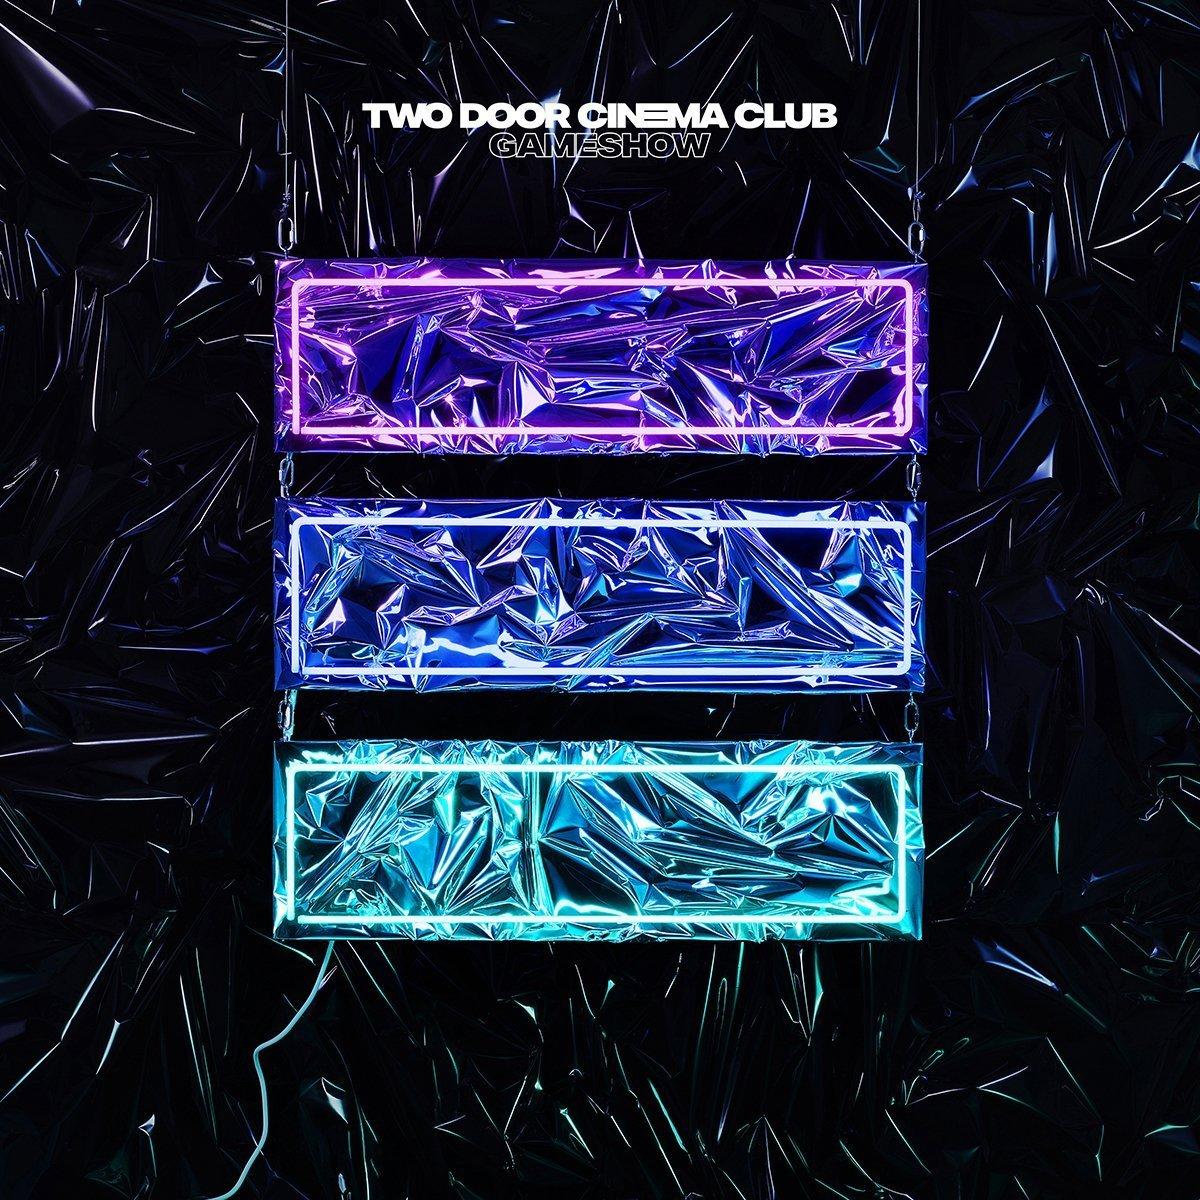 """novo disco do two door cinema club, """"gameshow"""", será lançado no dia 14 de outubro"""